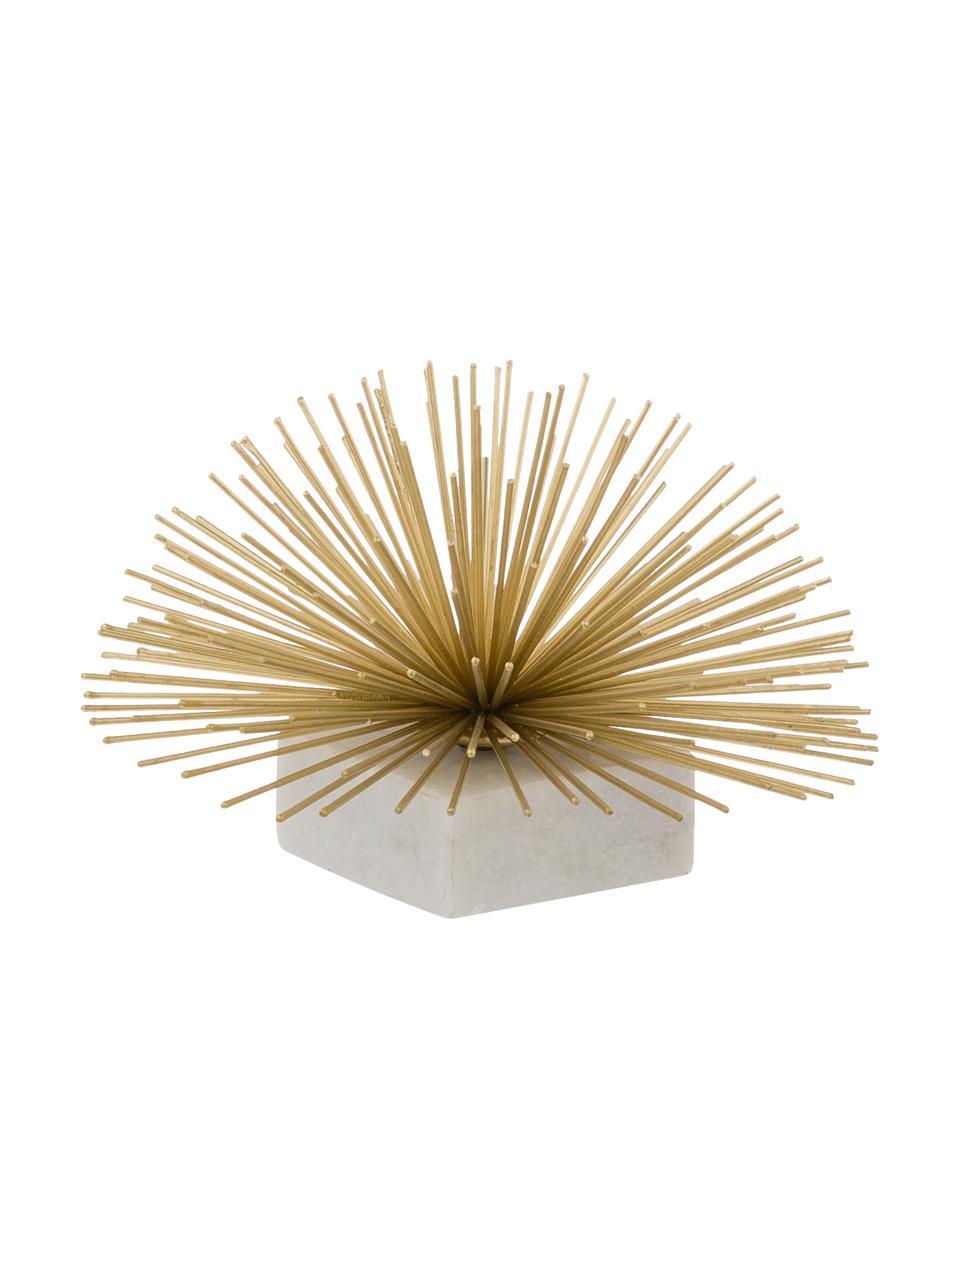 Dekoracja Marburch, Nogi: marmur, Nasada: odcienie złotego Podstawa: jasny marmur, Ø 16 x W 11 cm